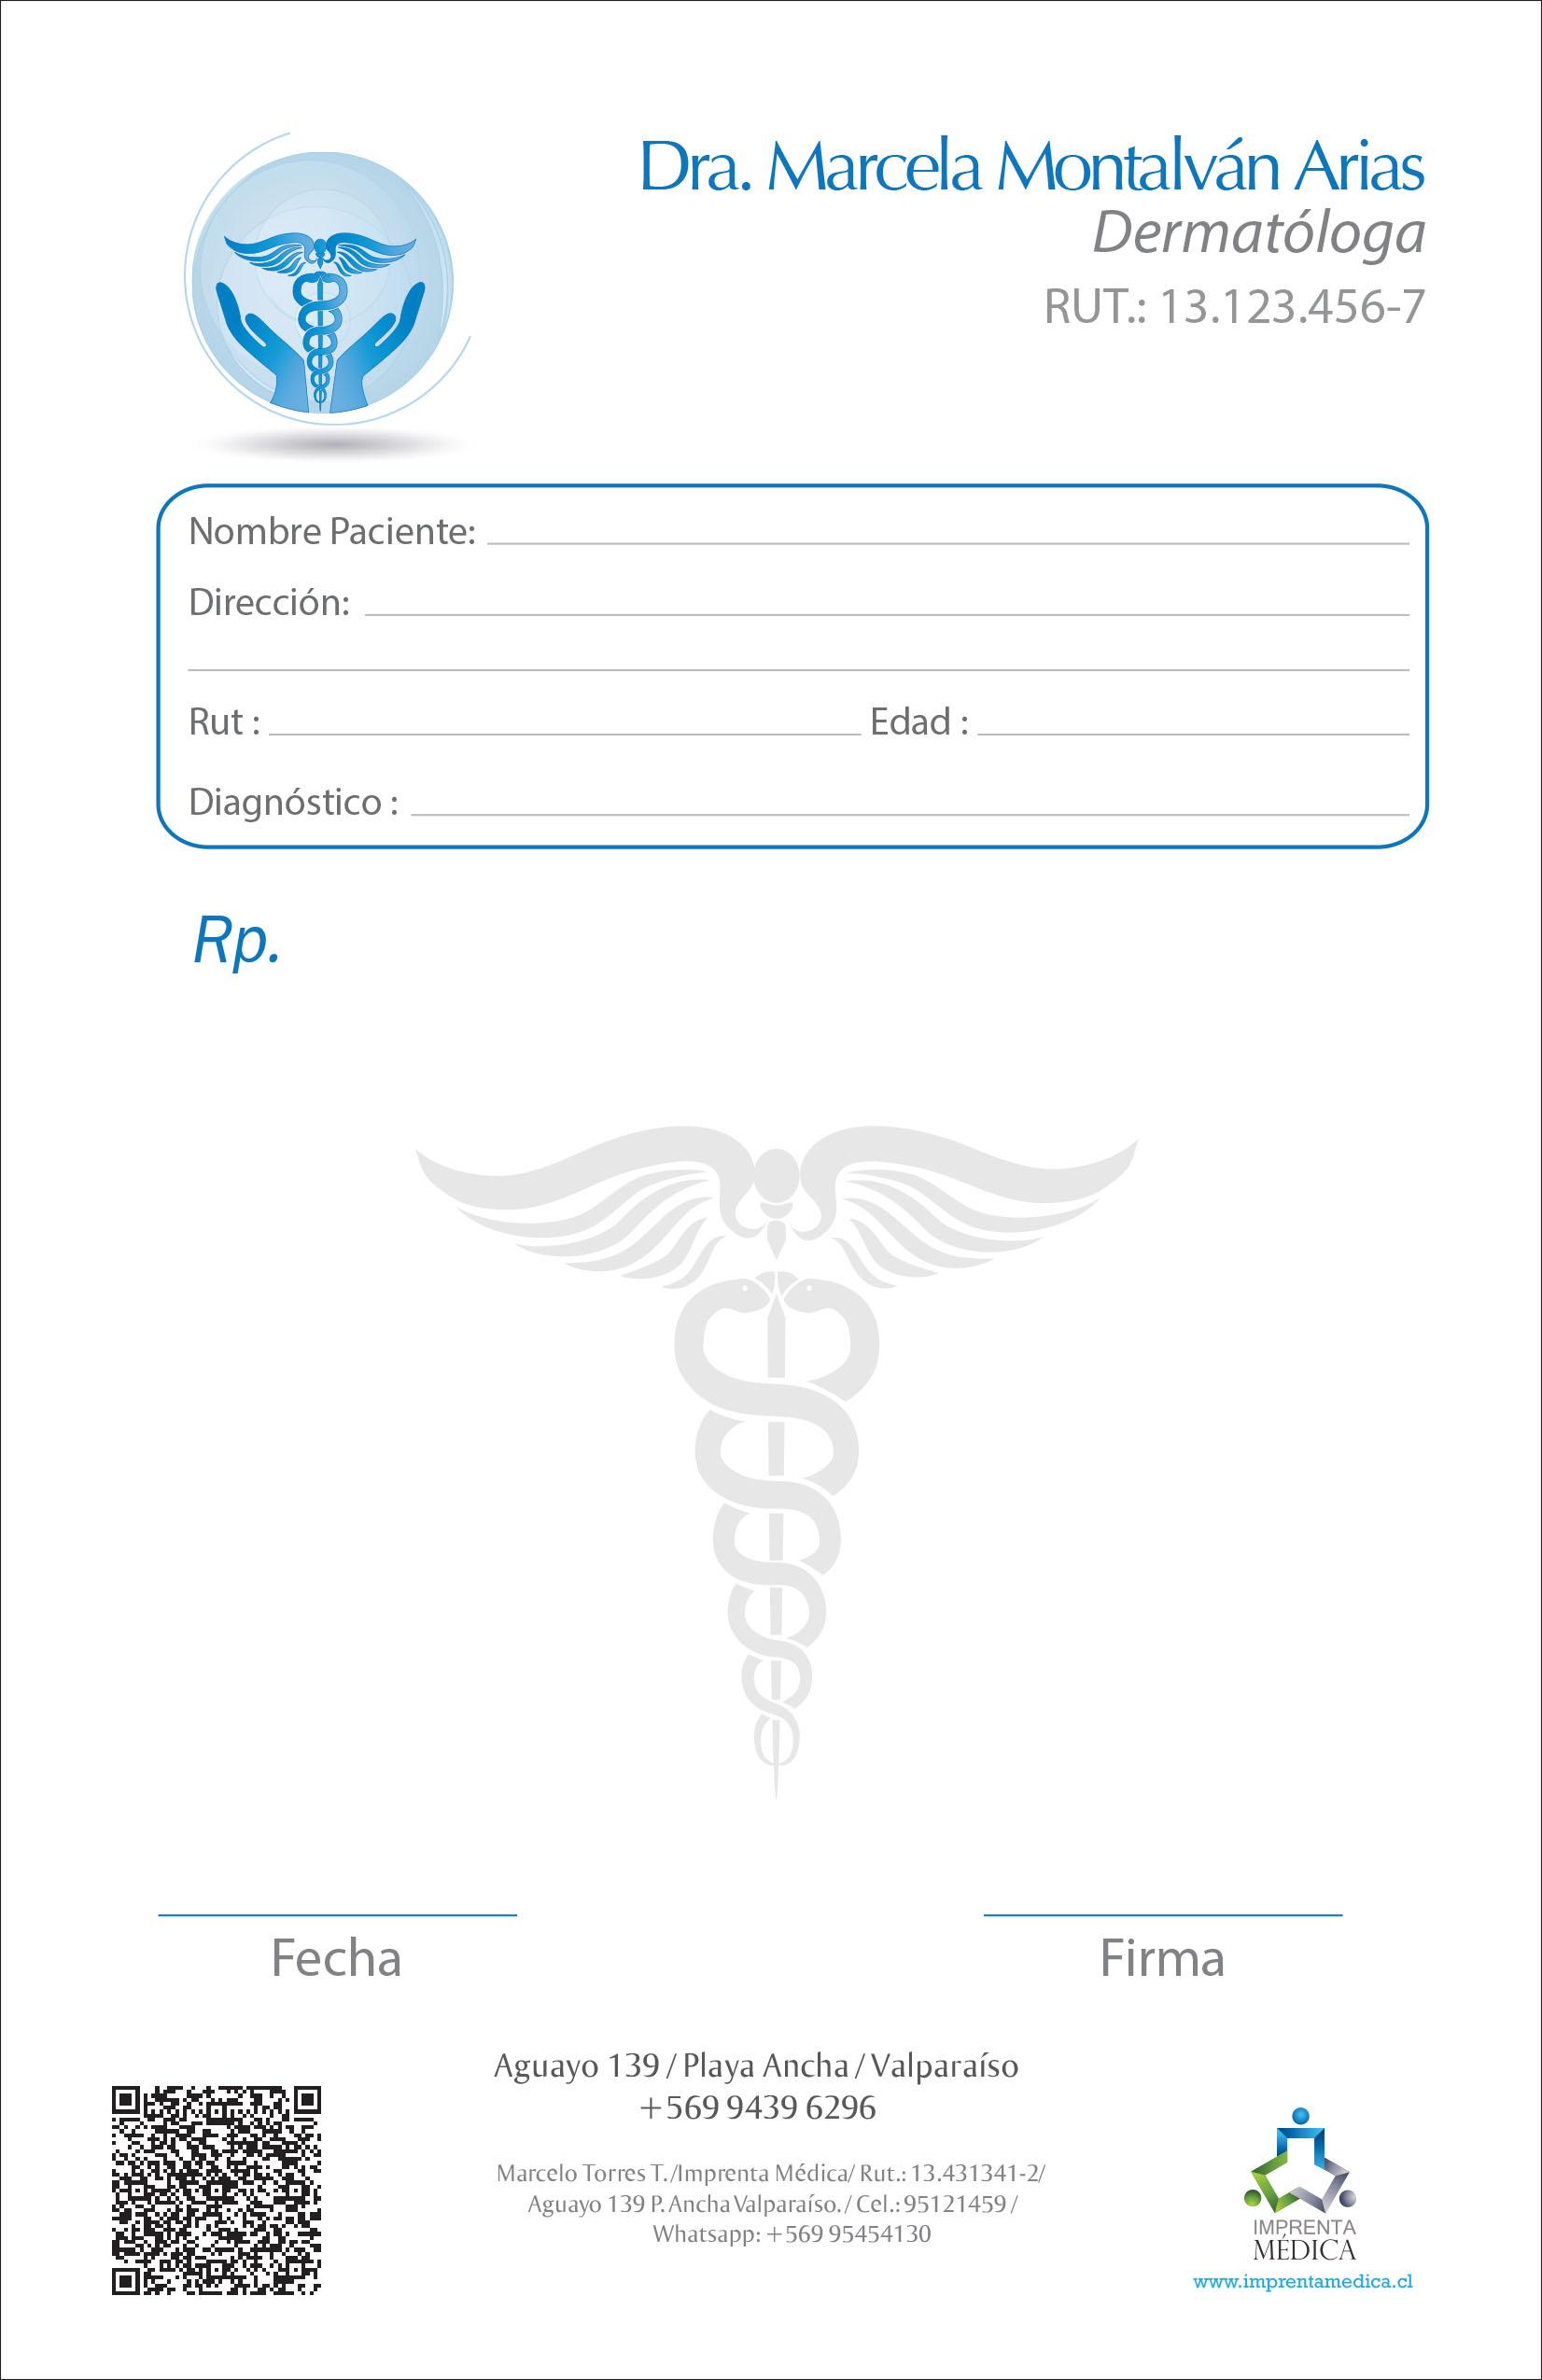 Recetario dermatólogo 001 – Imprenta Médica